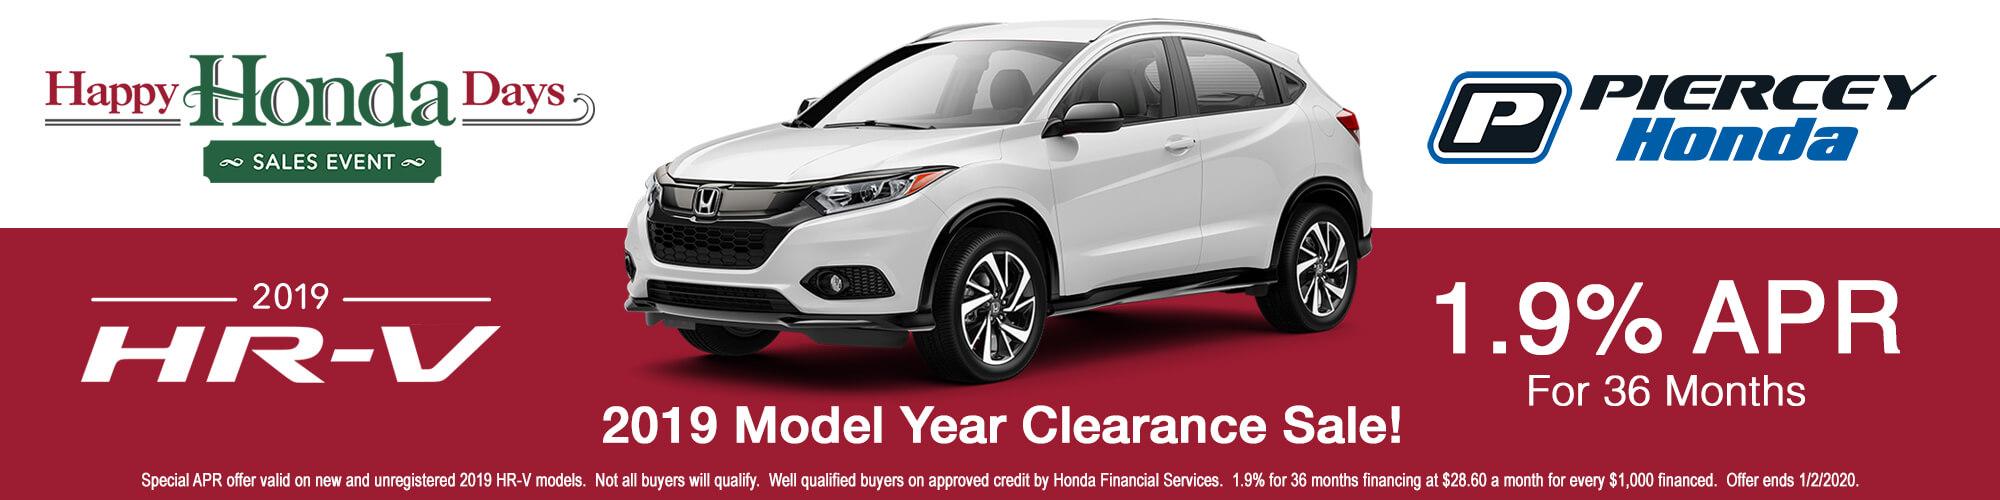 2019 Honda HR-V APR offer